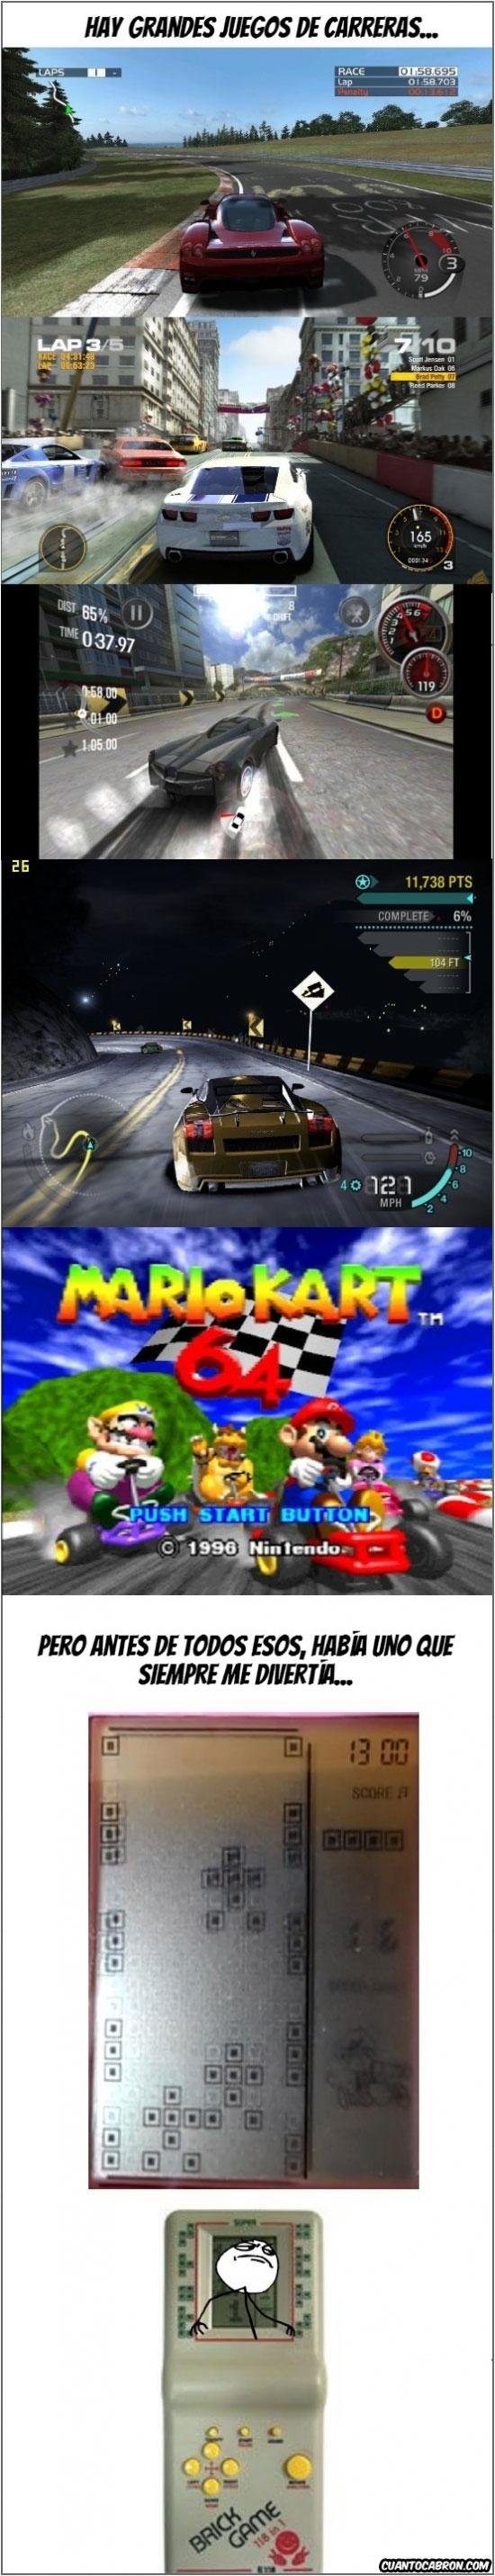 brick game,carreras,carreras brick game,infancia,juegos carreras,temavideojuegos